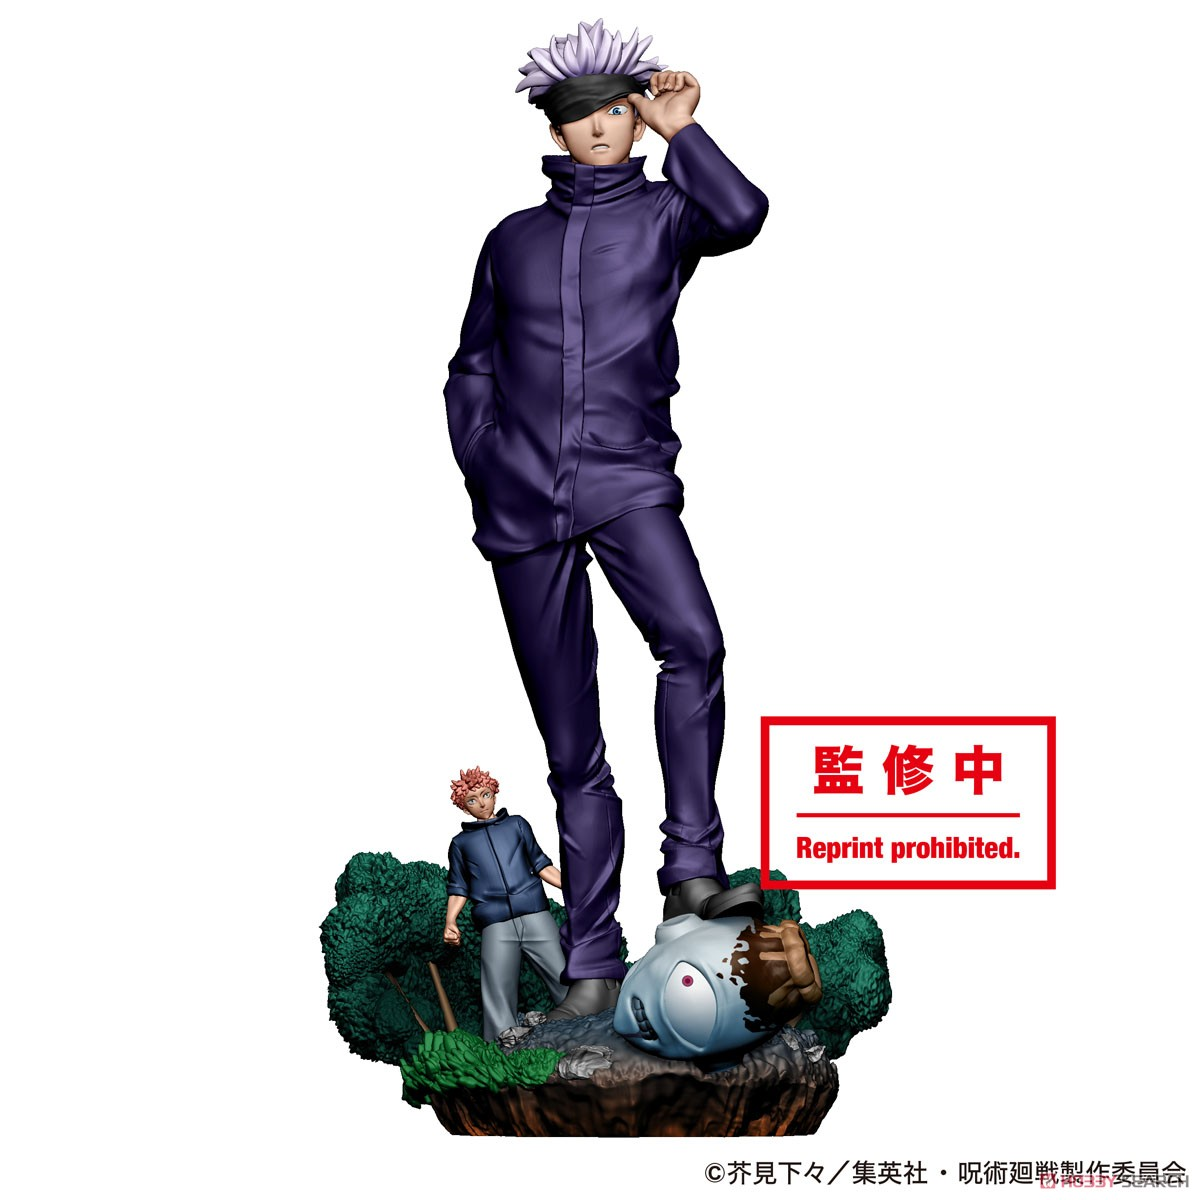 プチラマシリーズ『呪術廻戦 卓上領域展開 壱號』4個入りBOX-003